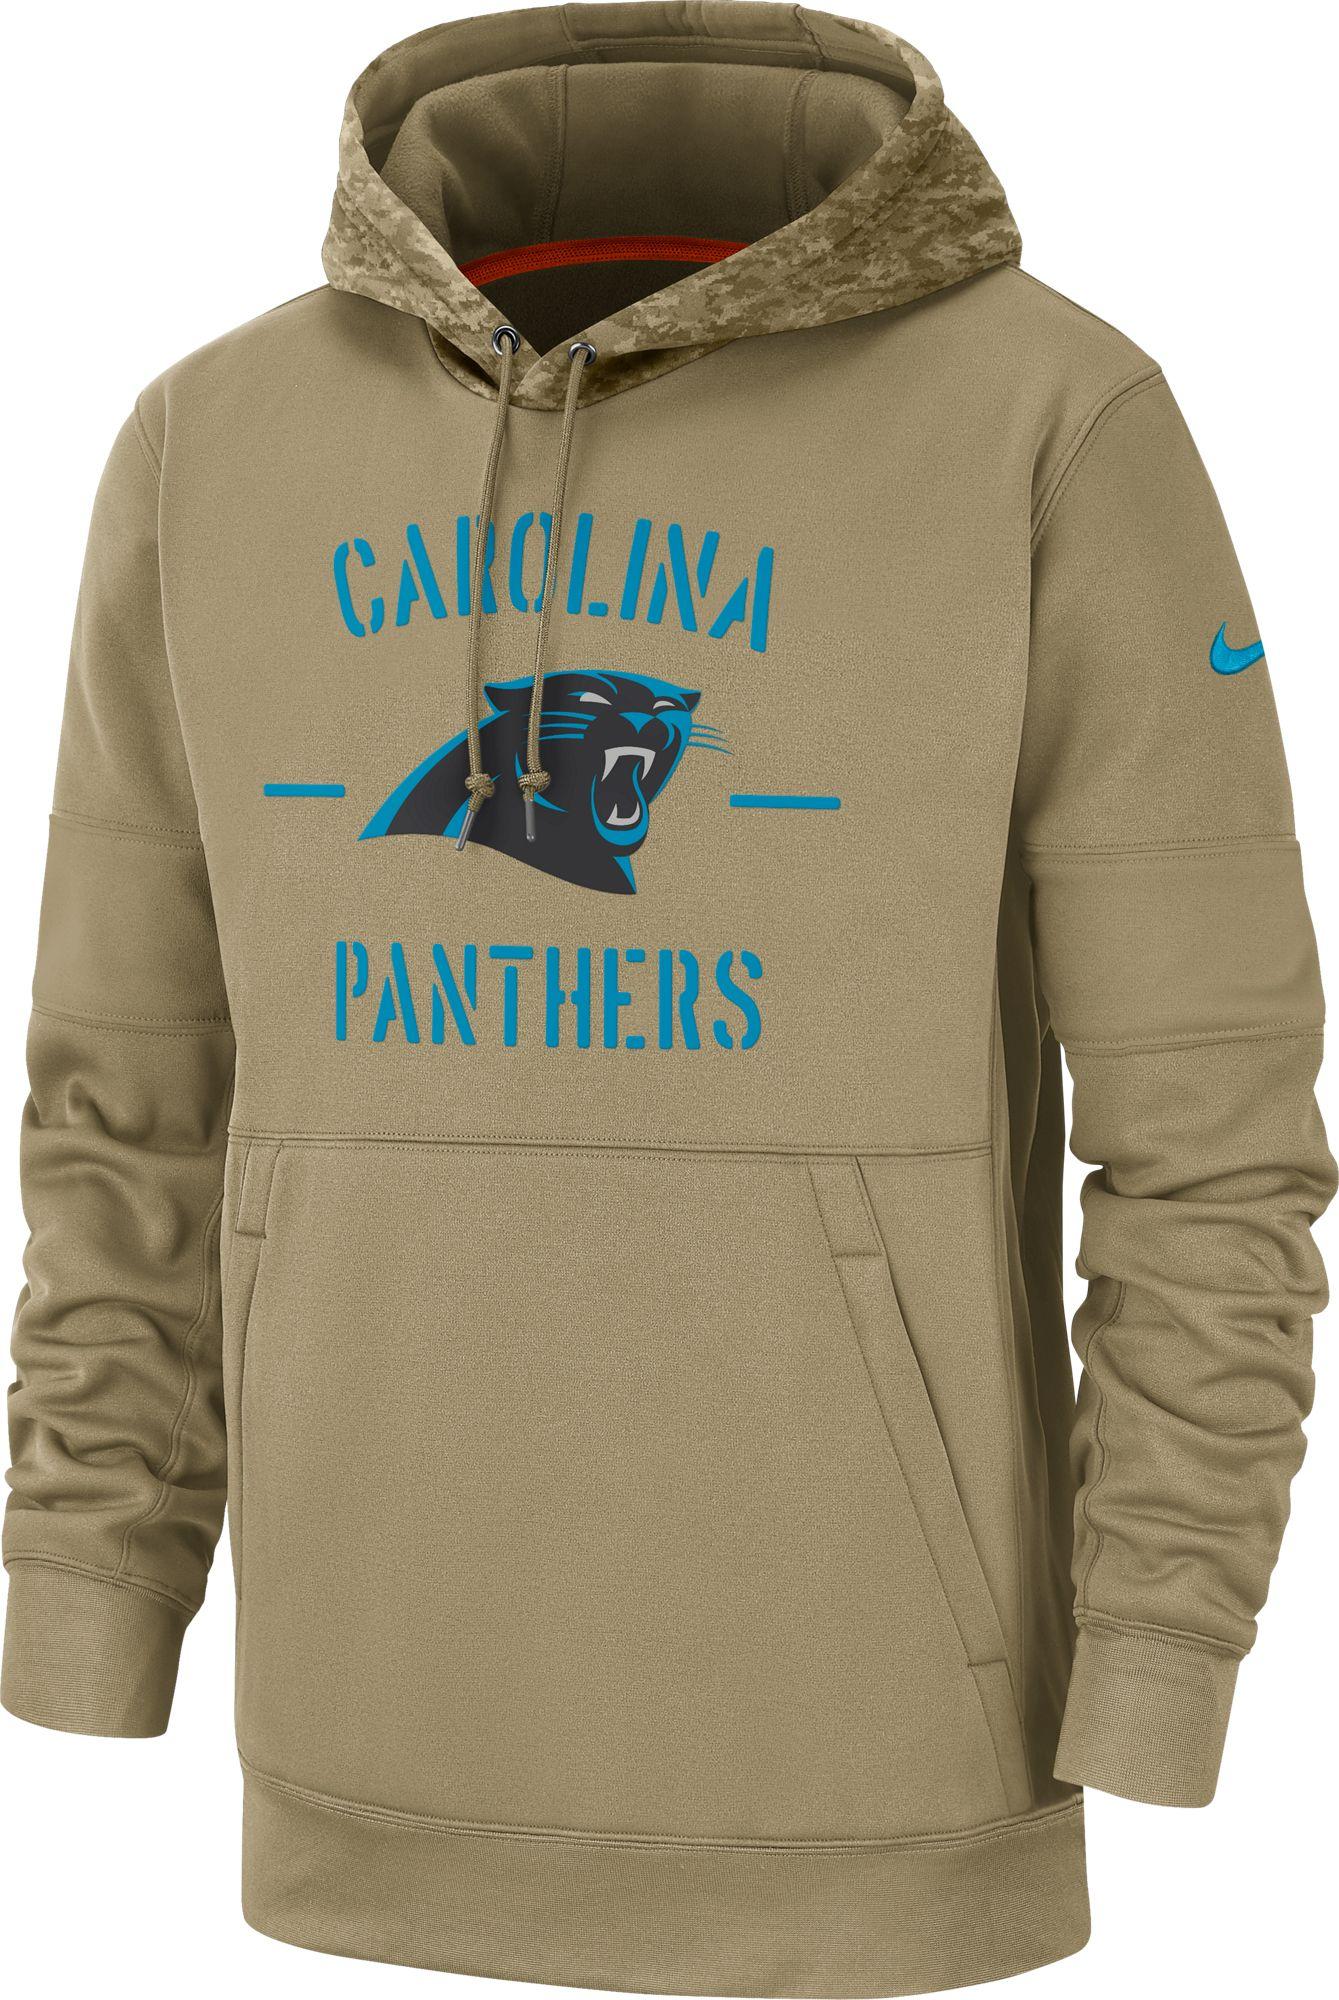 mens carolina panthers sweatshirt